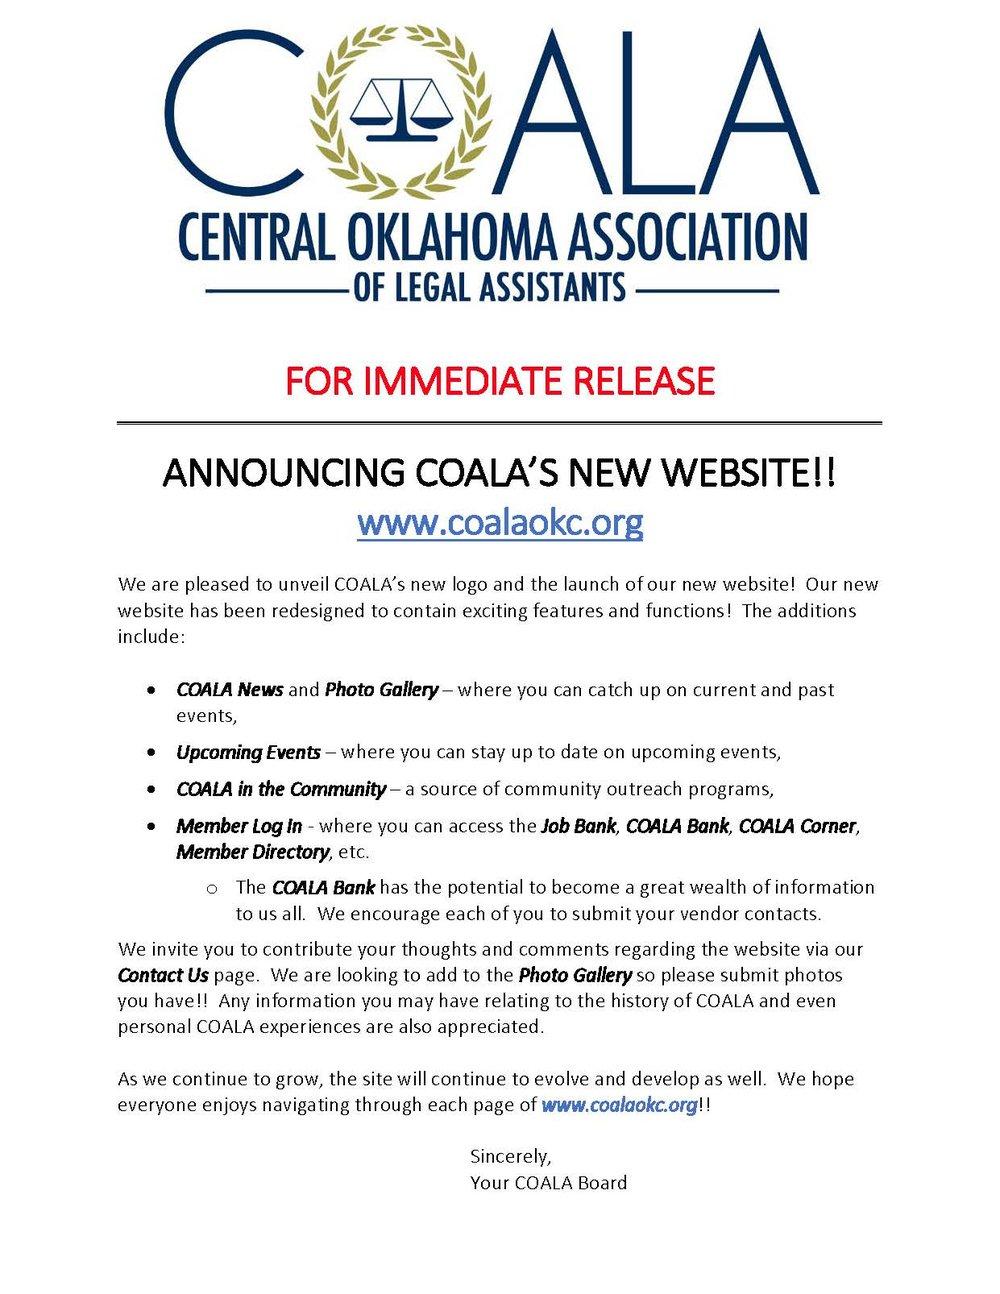 2018-09-14 Press Release.jpg